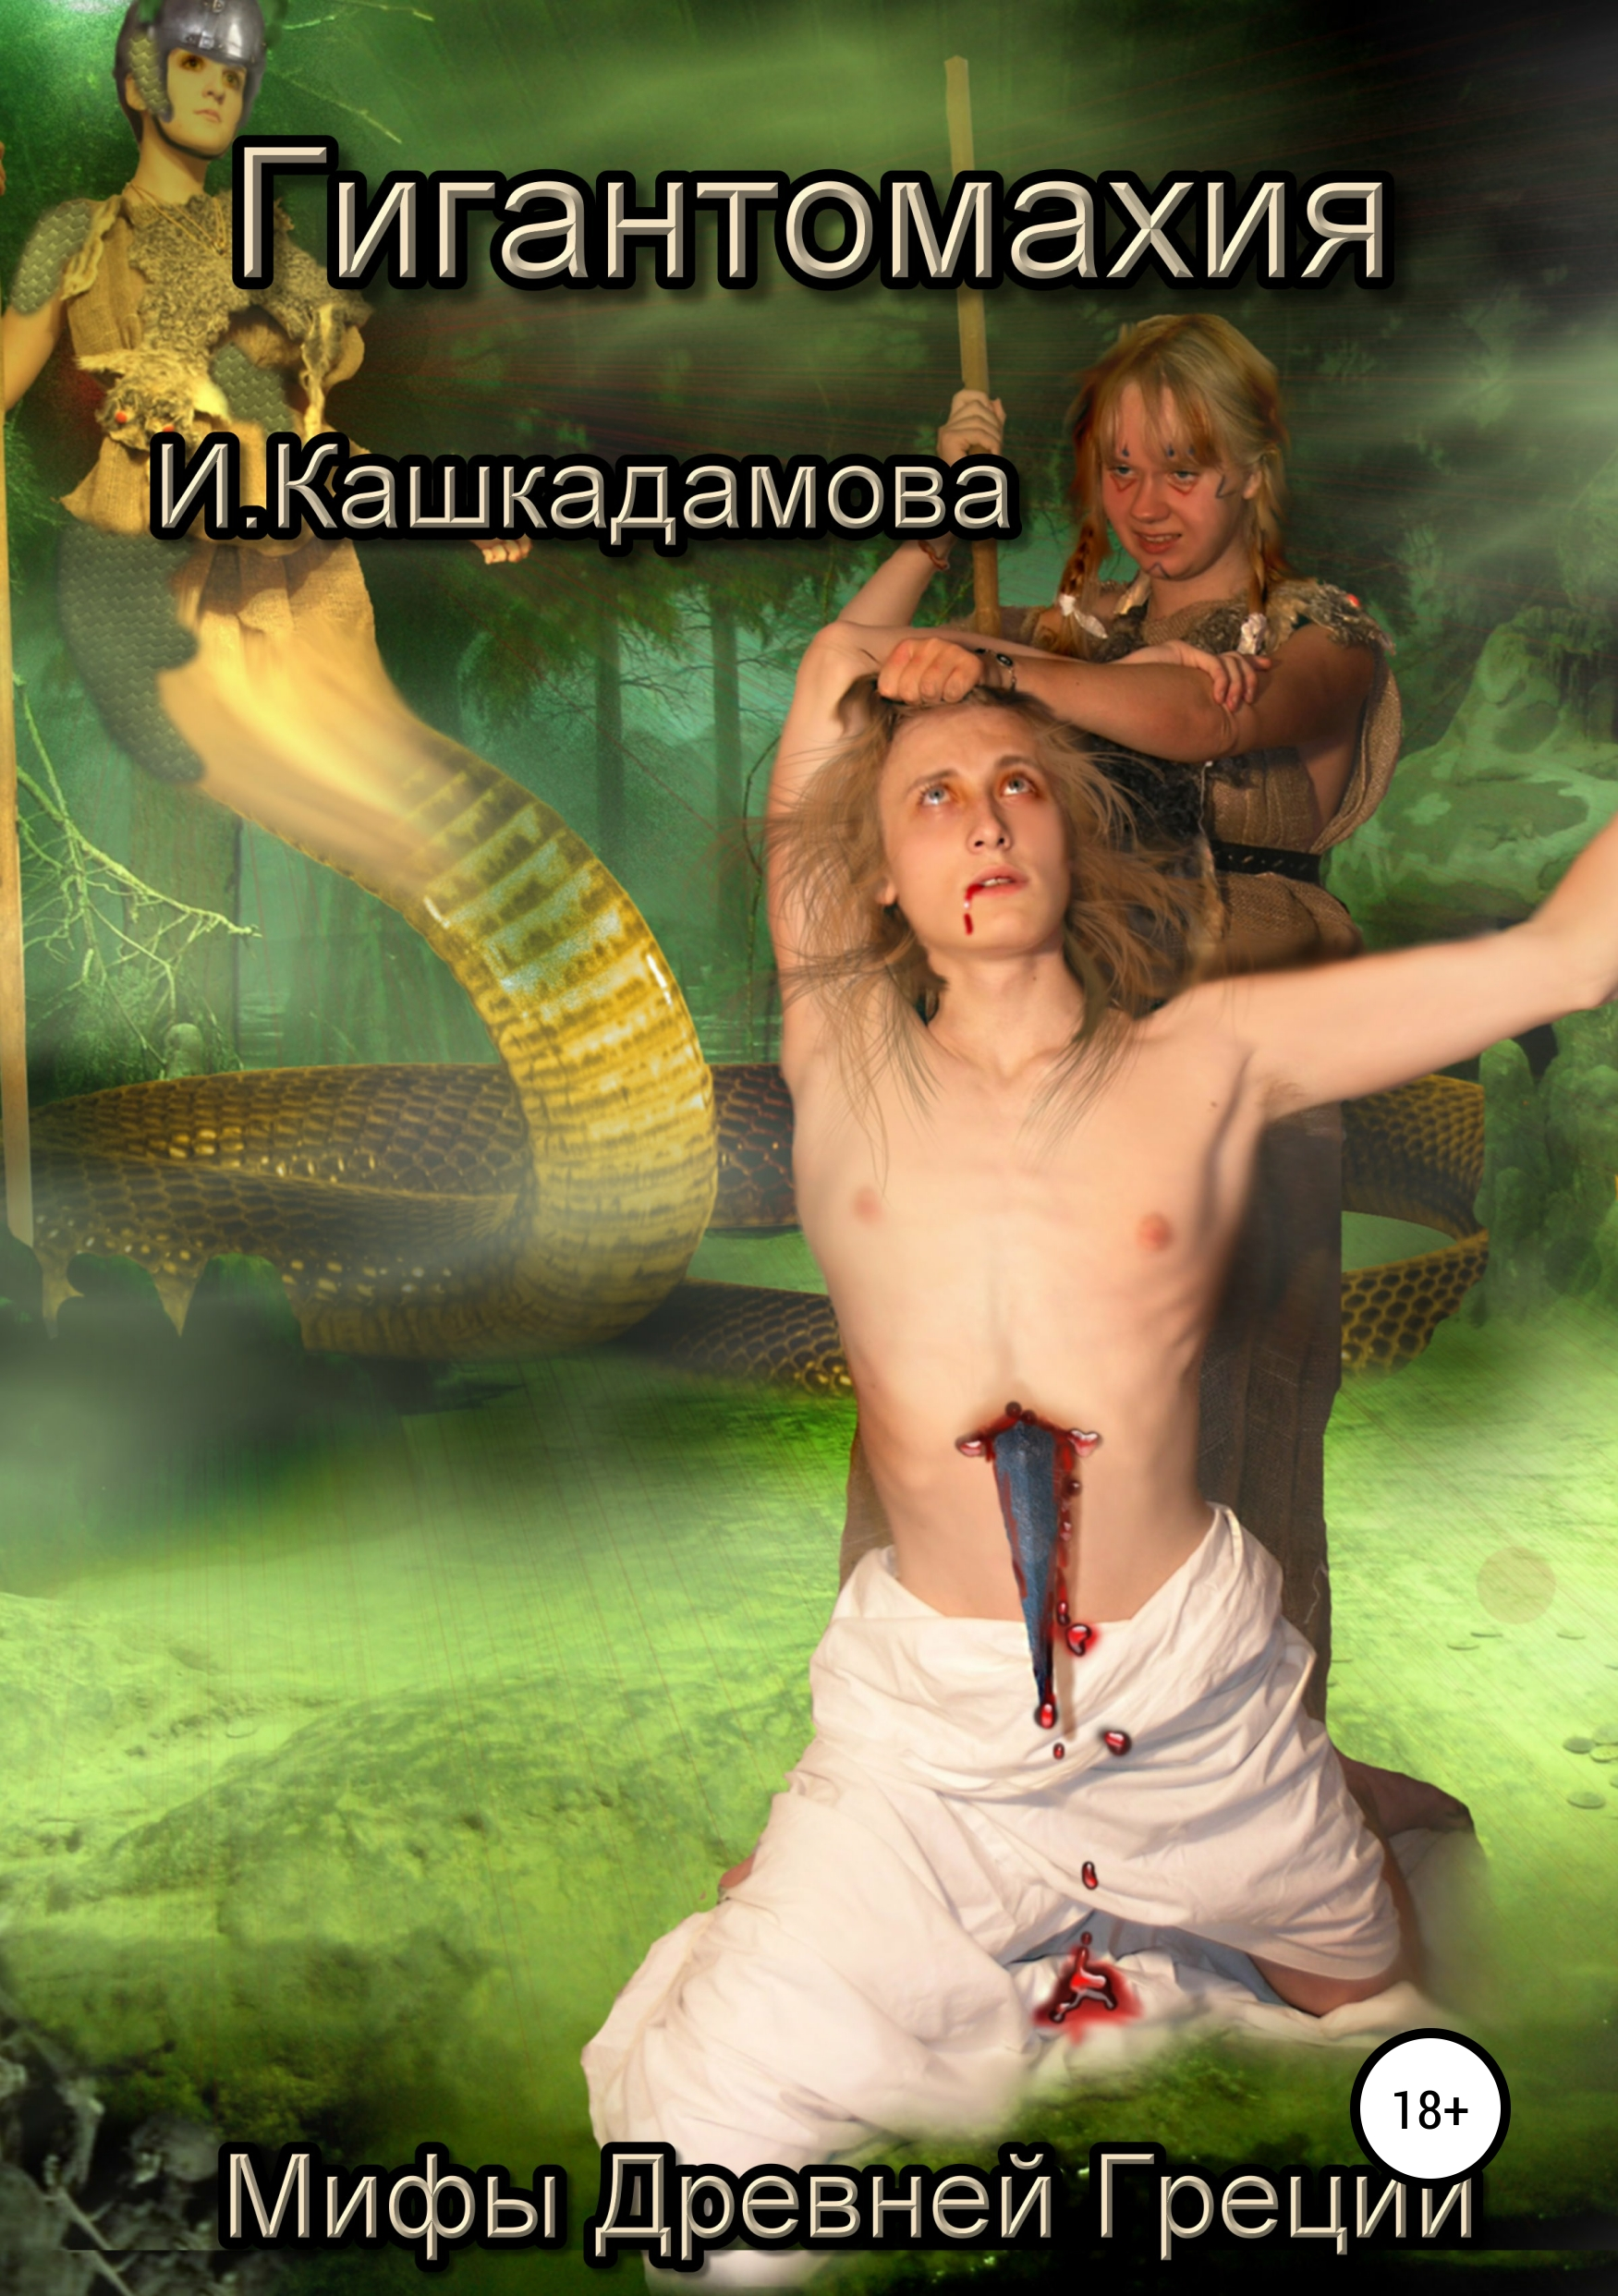 Ирина Николаевна Кашкадамова Гигантомахия цена